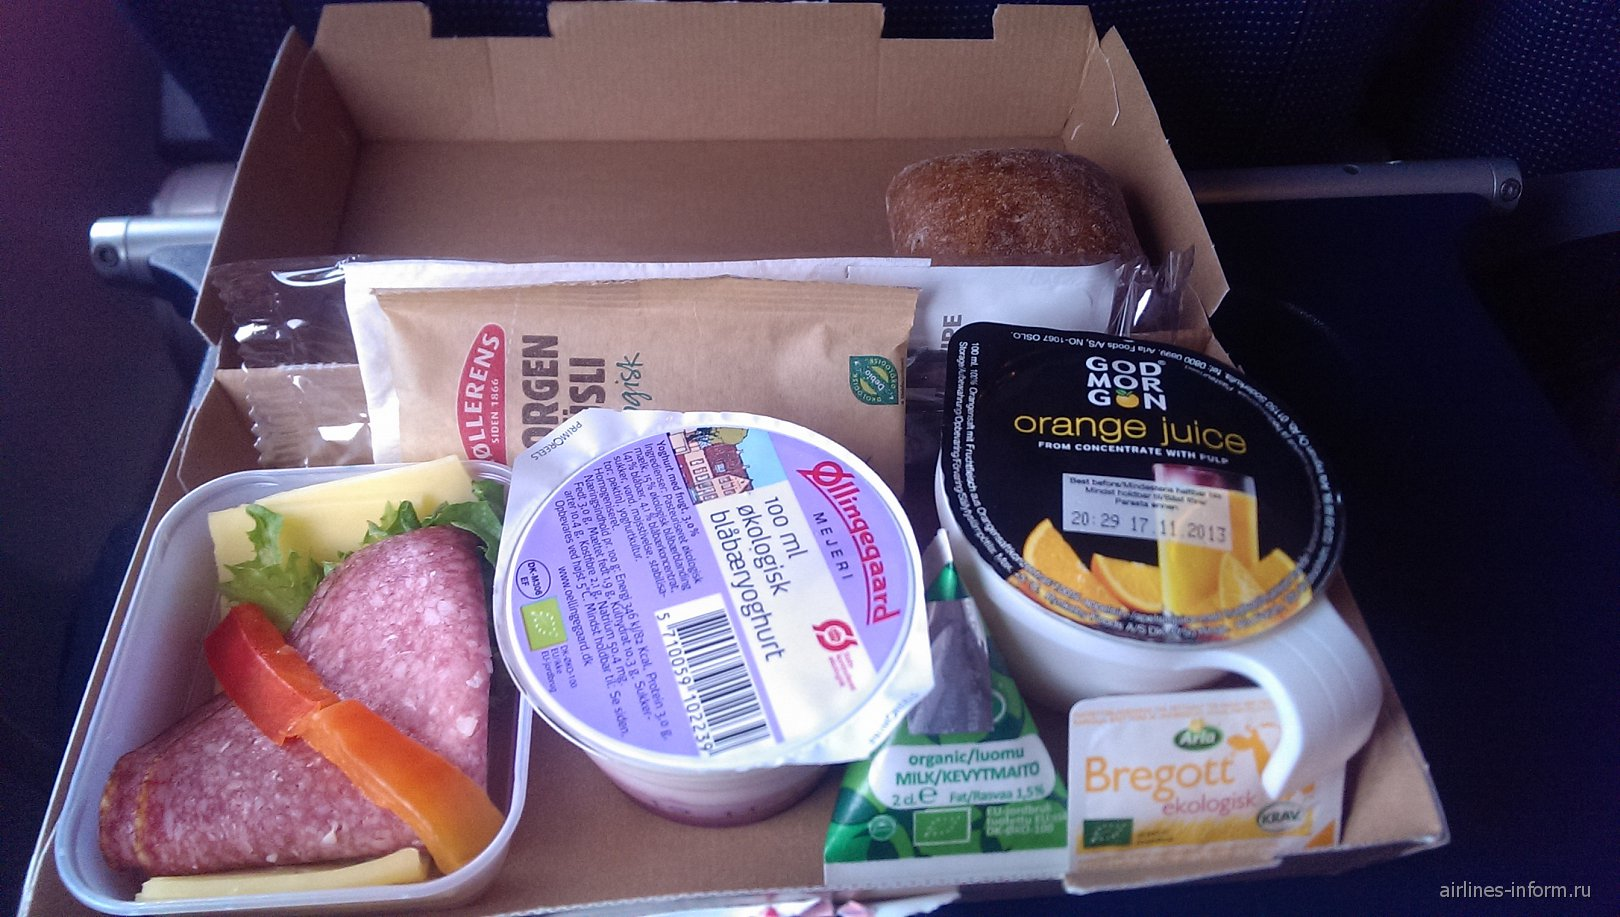 Питание на рейсе Гётеборг-Стокгольм авиакомпании SAS